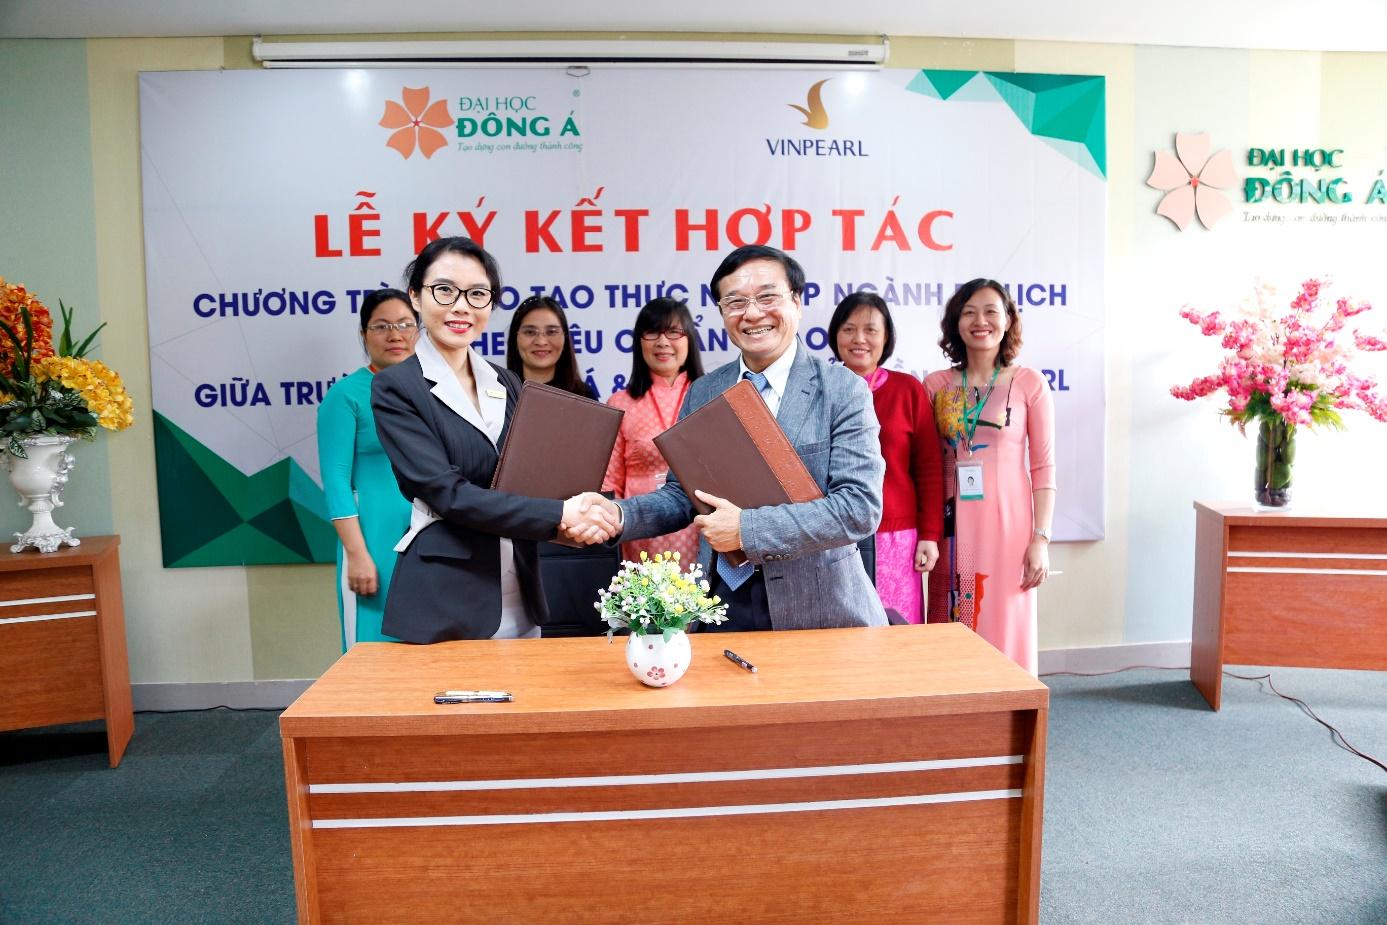 Gia nhập thị trường quốc tế cùng chương trình Du lịch tại Đại học Đông Á - Ảnh 3.